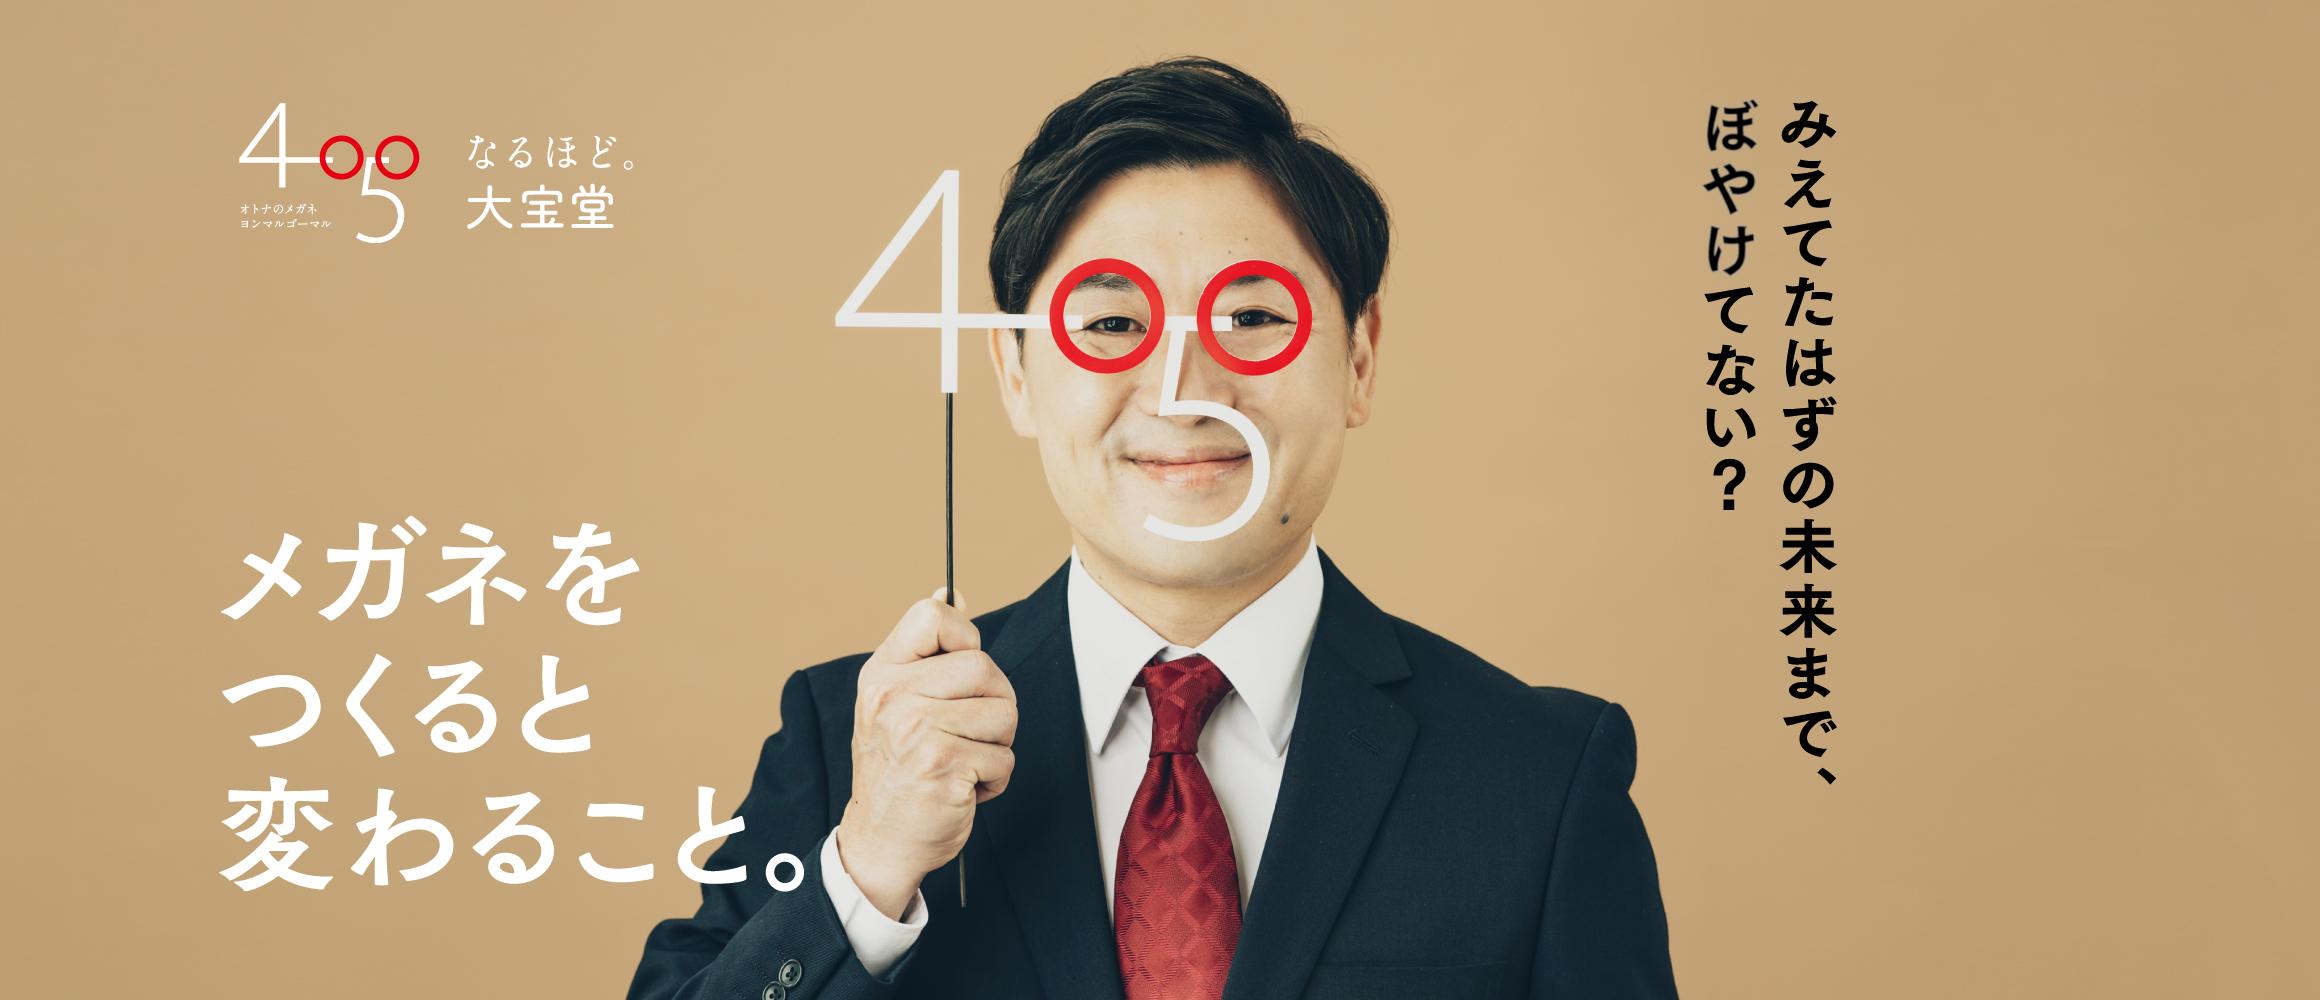 大人のメガネ4050